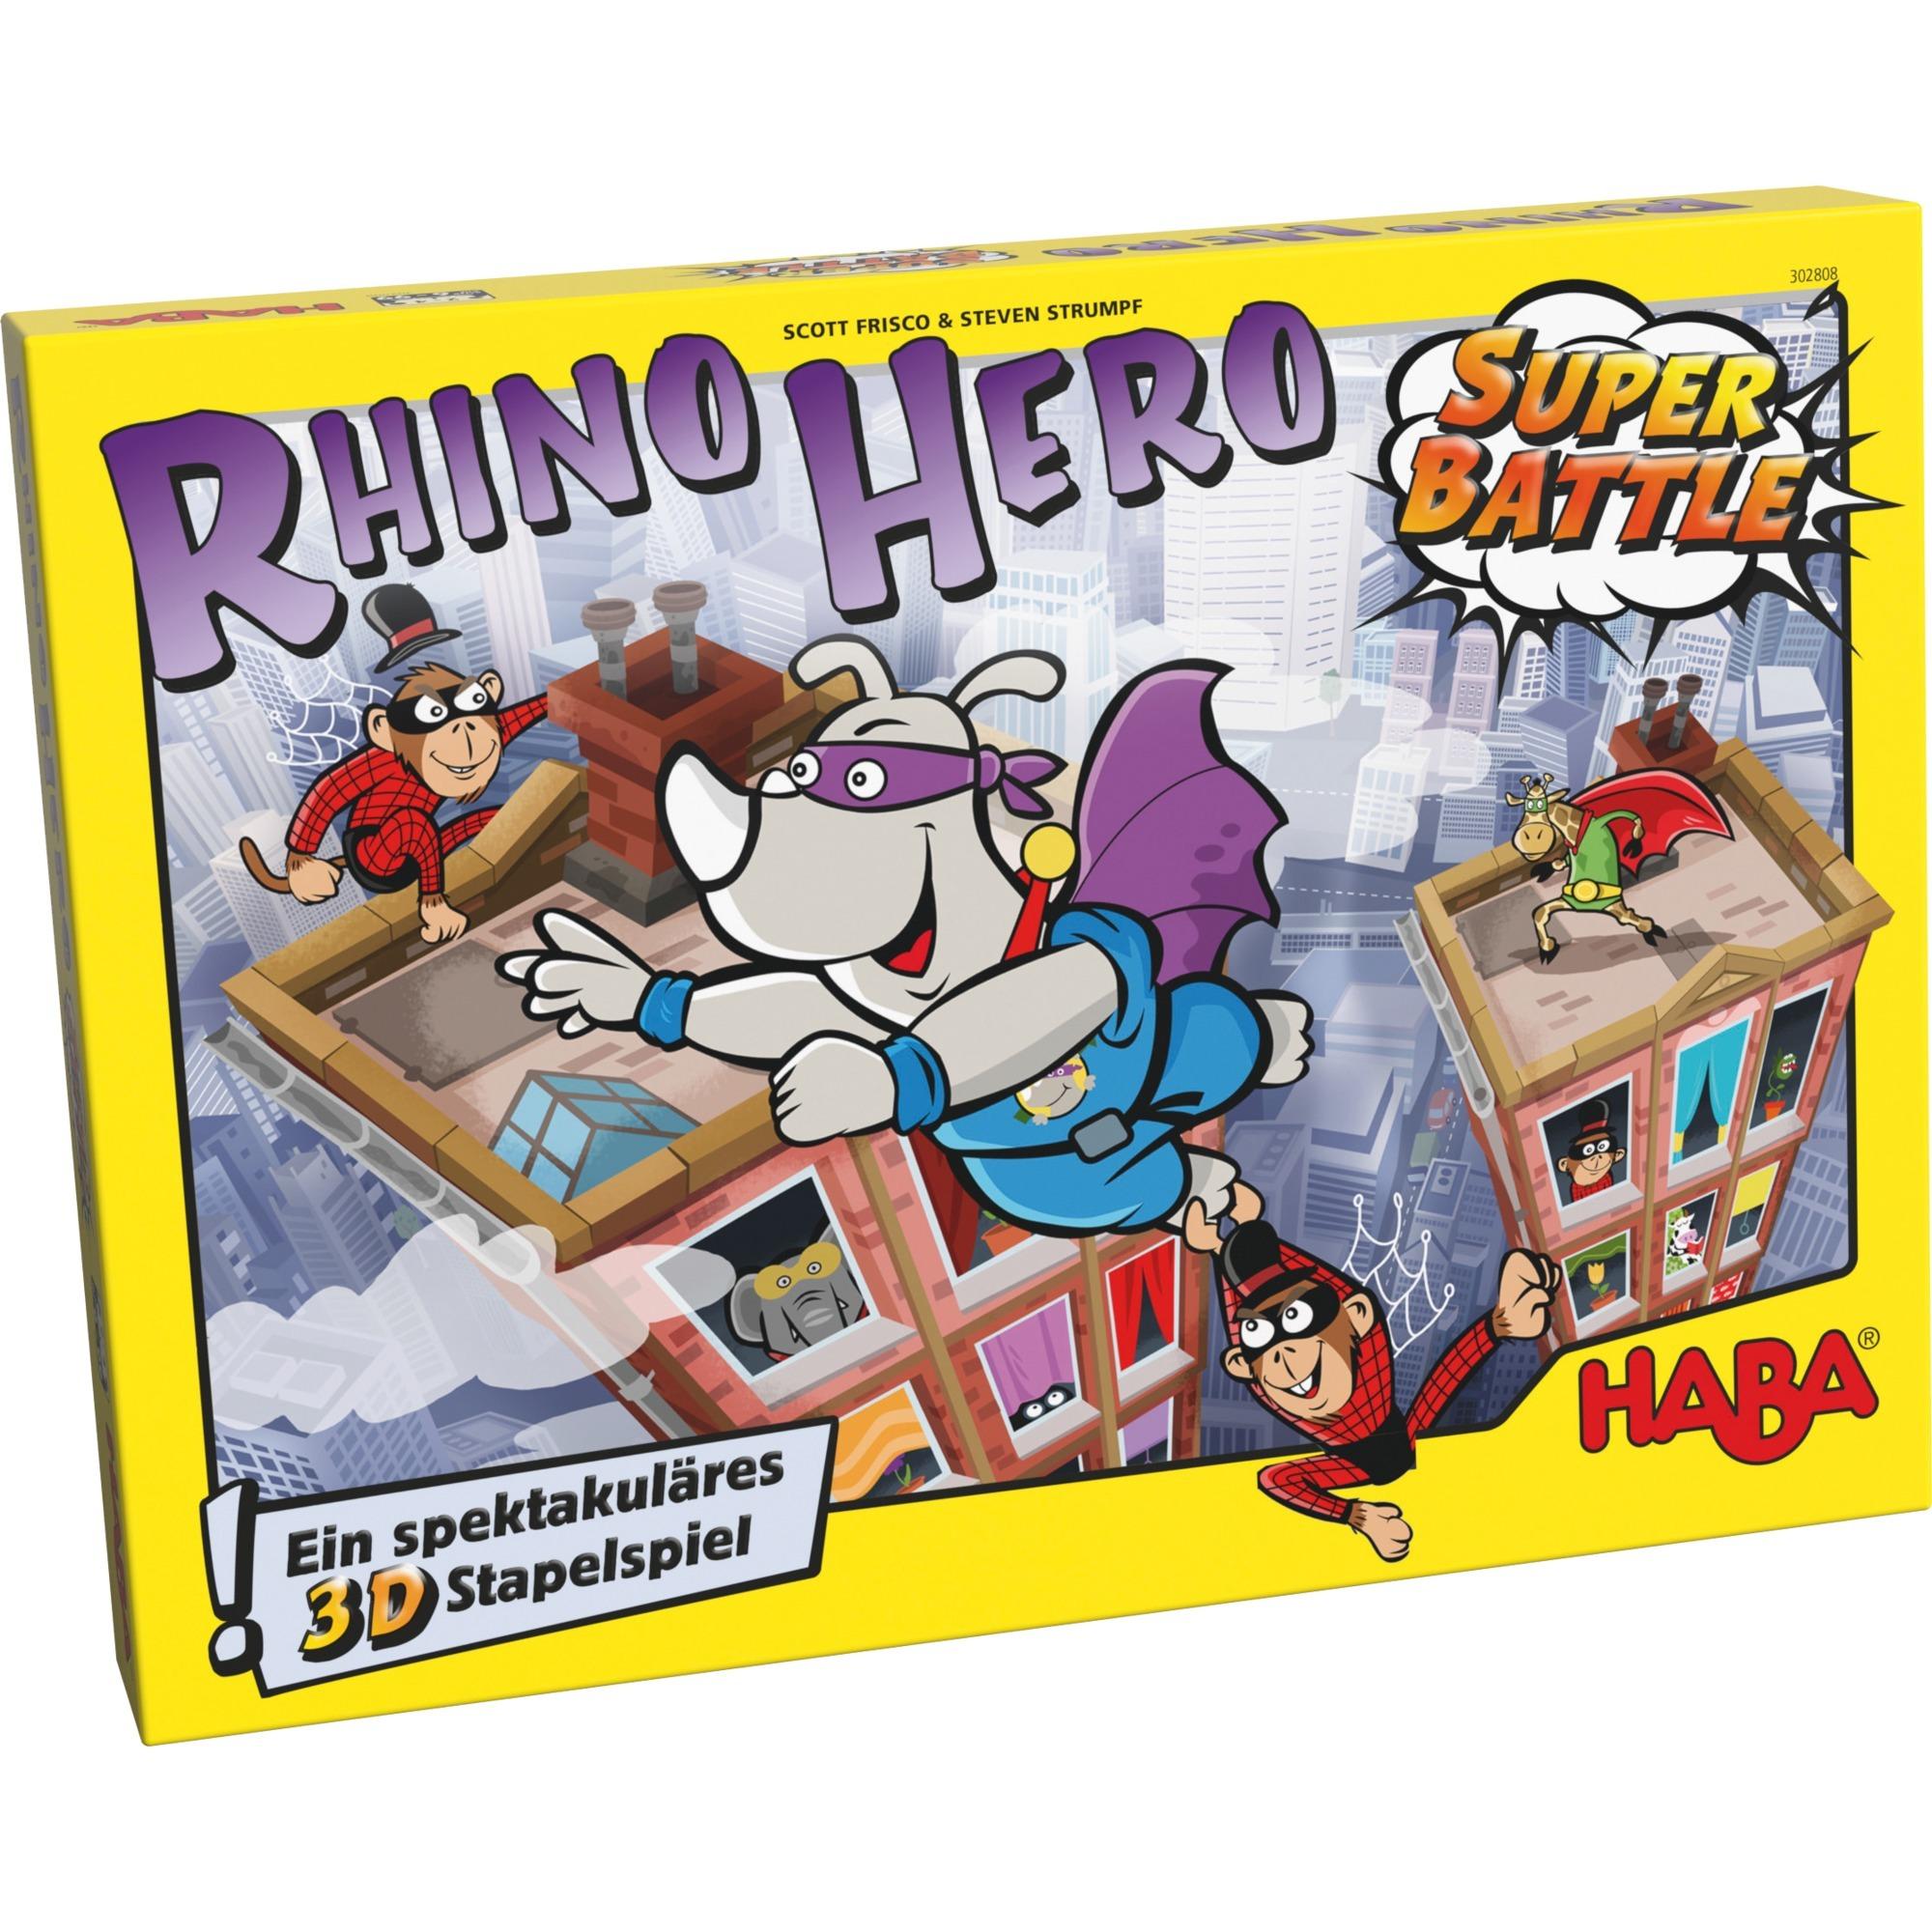 Rhino Hero – Super Battle Enfants et adultes Jeu de compétences motrices fines, Jeu d'adresse